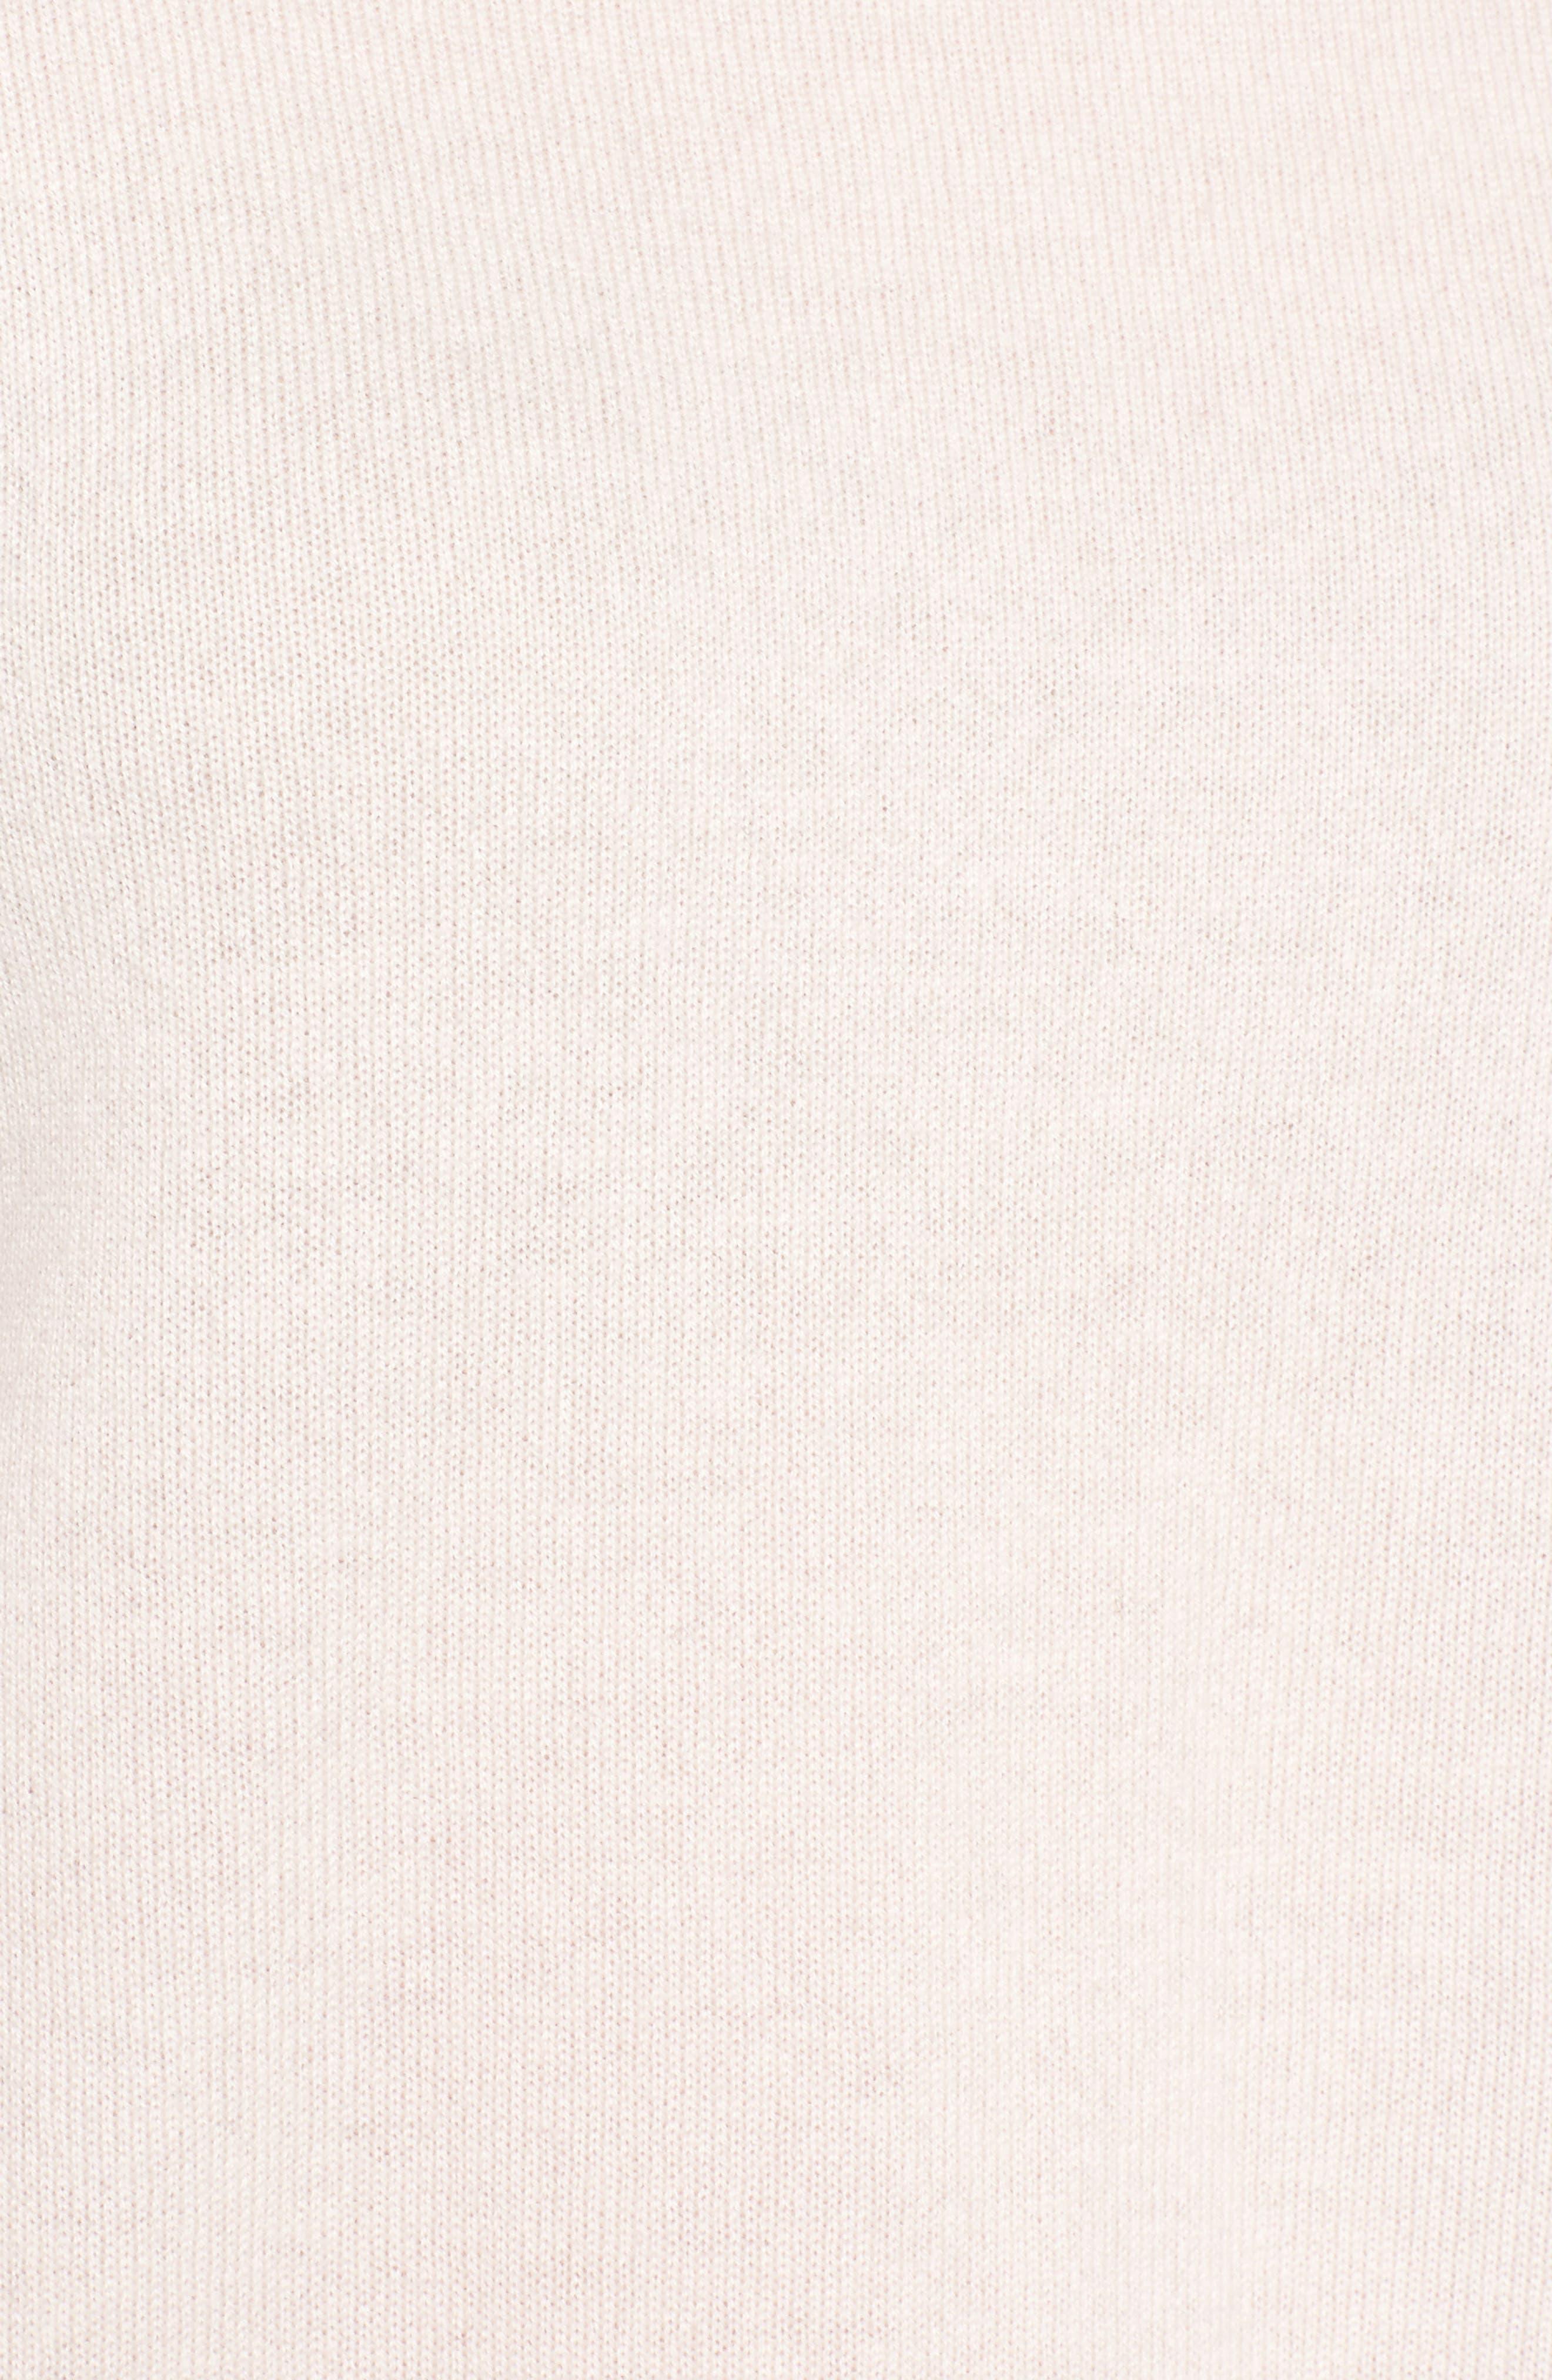 Bateau Neck Cashmere Sweater,                             Alternate thumbnail 5, color,                             680